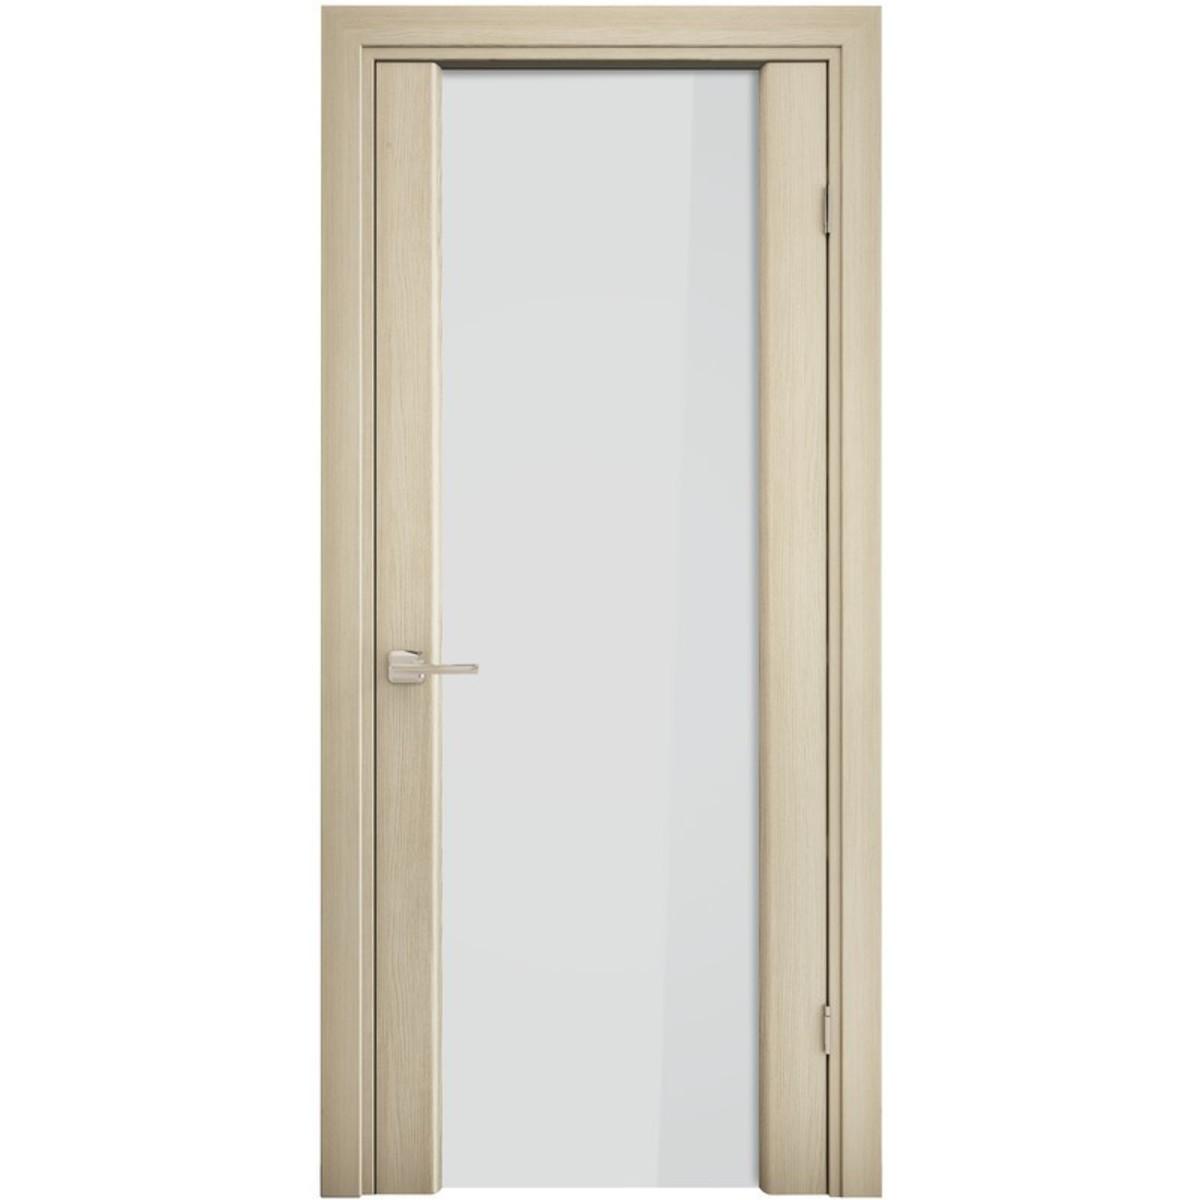 Дверь межкомнатная остеклённая «Триплекс» 200х80 см экошпон цвет орех капучино